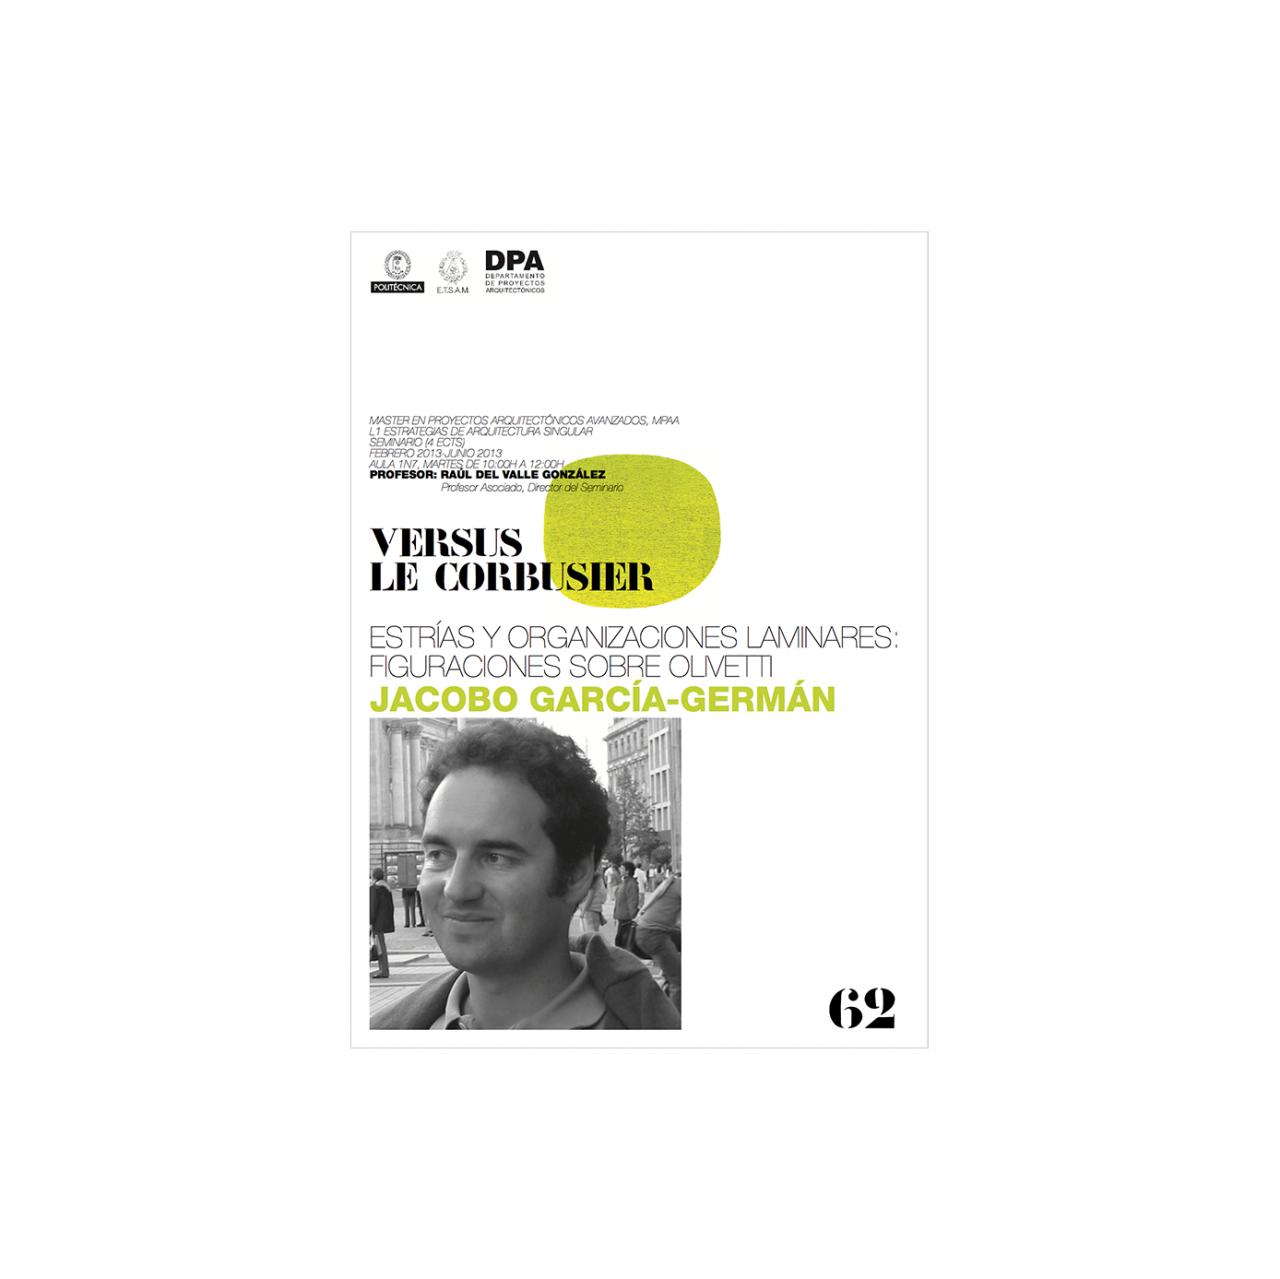 GARCIAGERMAN ARQUITECTOS Estrías y organizaciones laminares: figuraciones sobre Olivetti de Le Corbusier